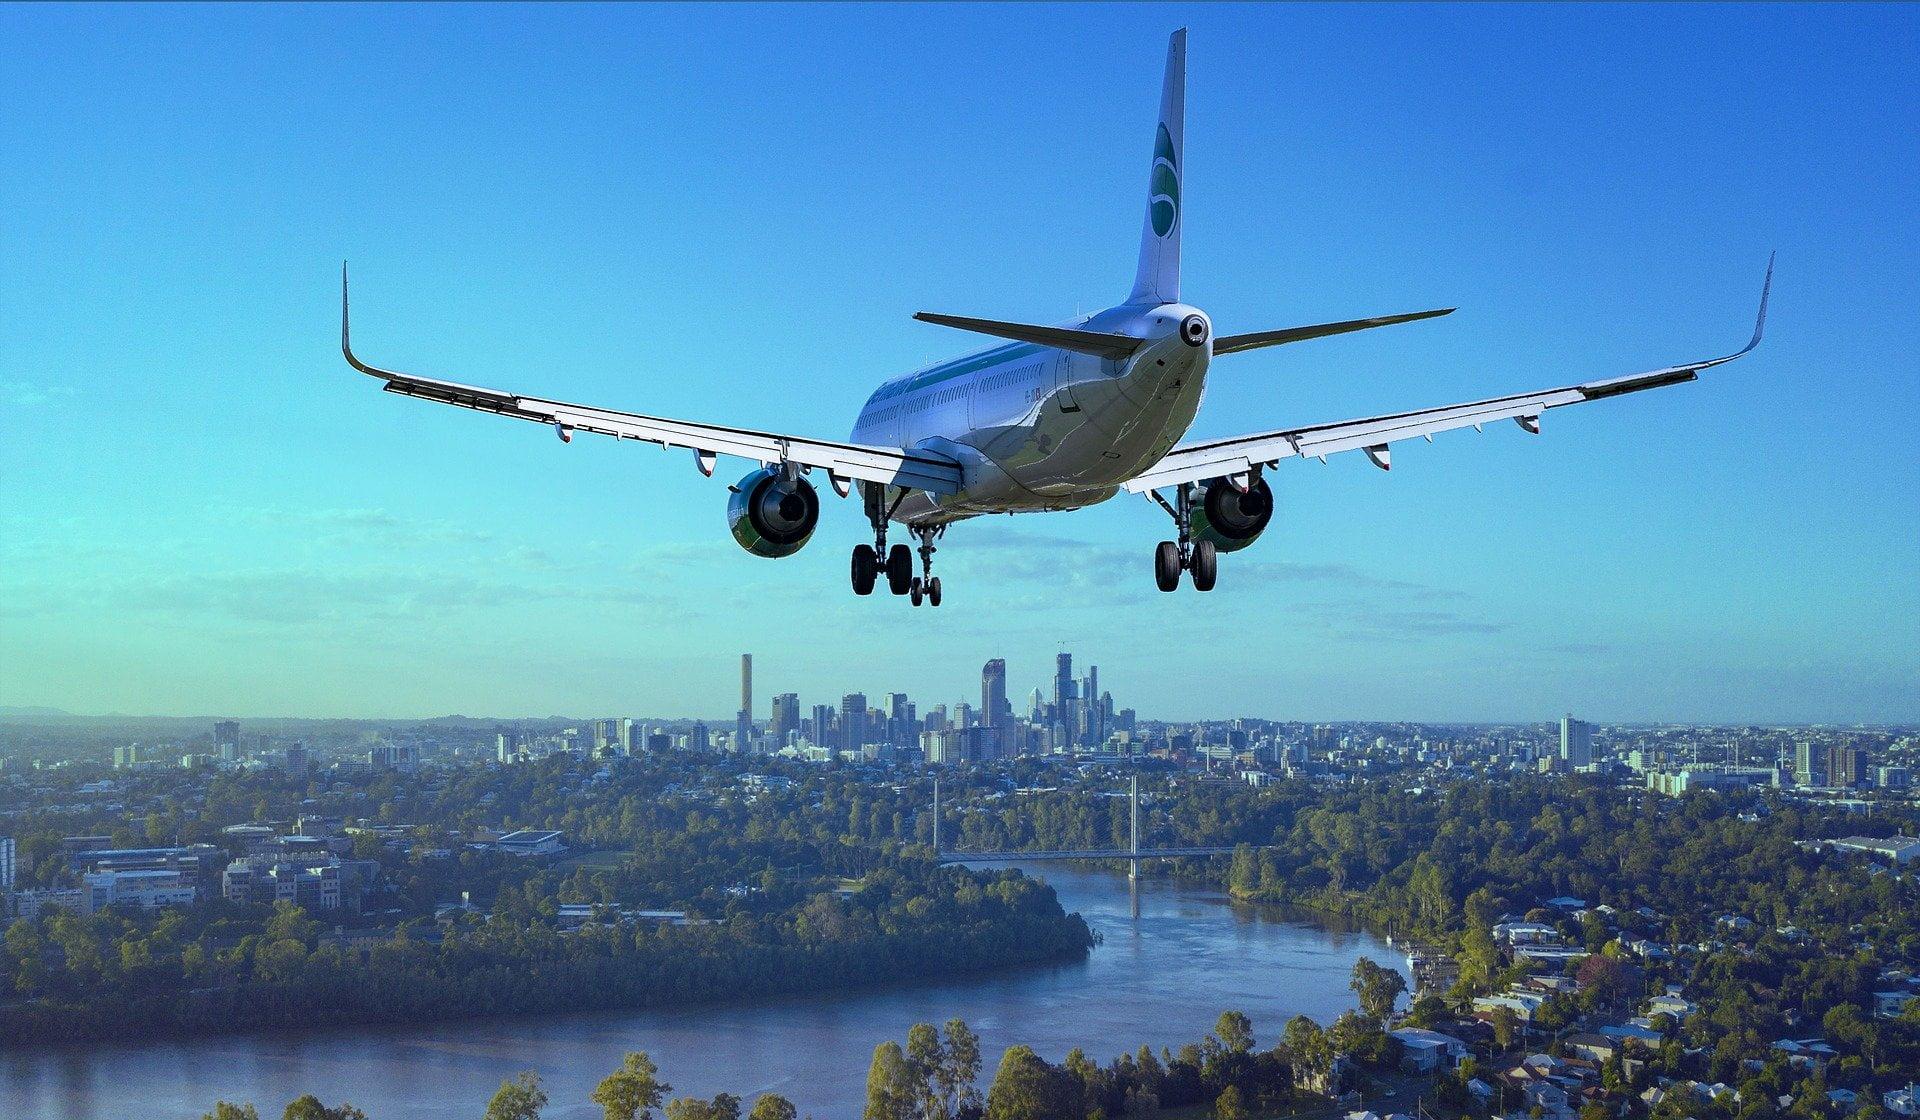 κράτηση φθηνά αεροπορικά εισητήρια aegean Ryanair